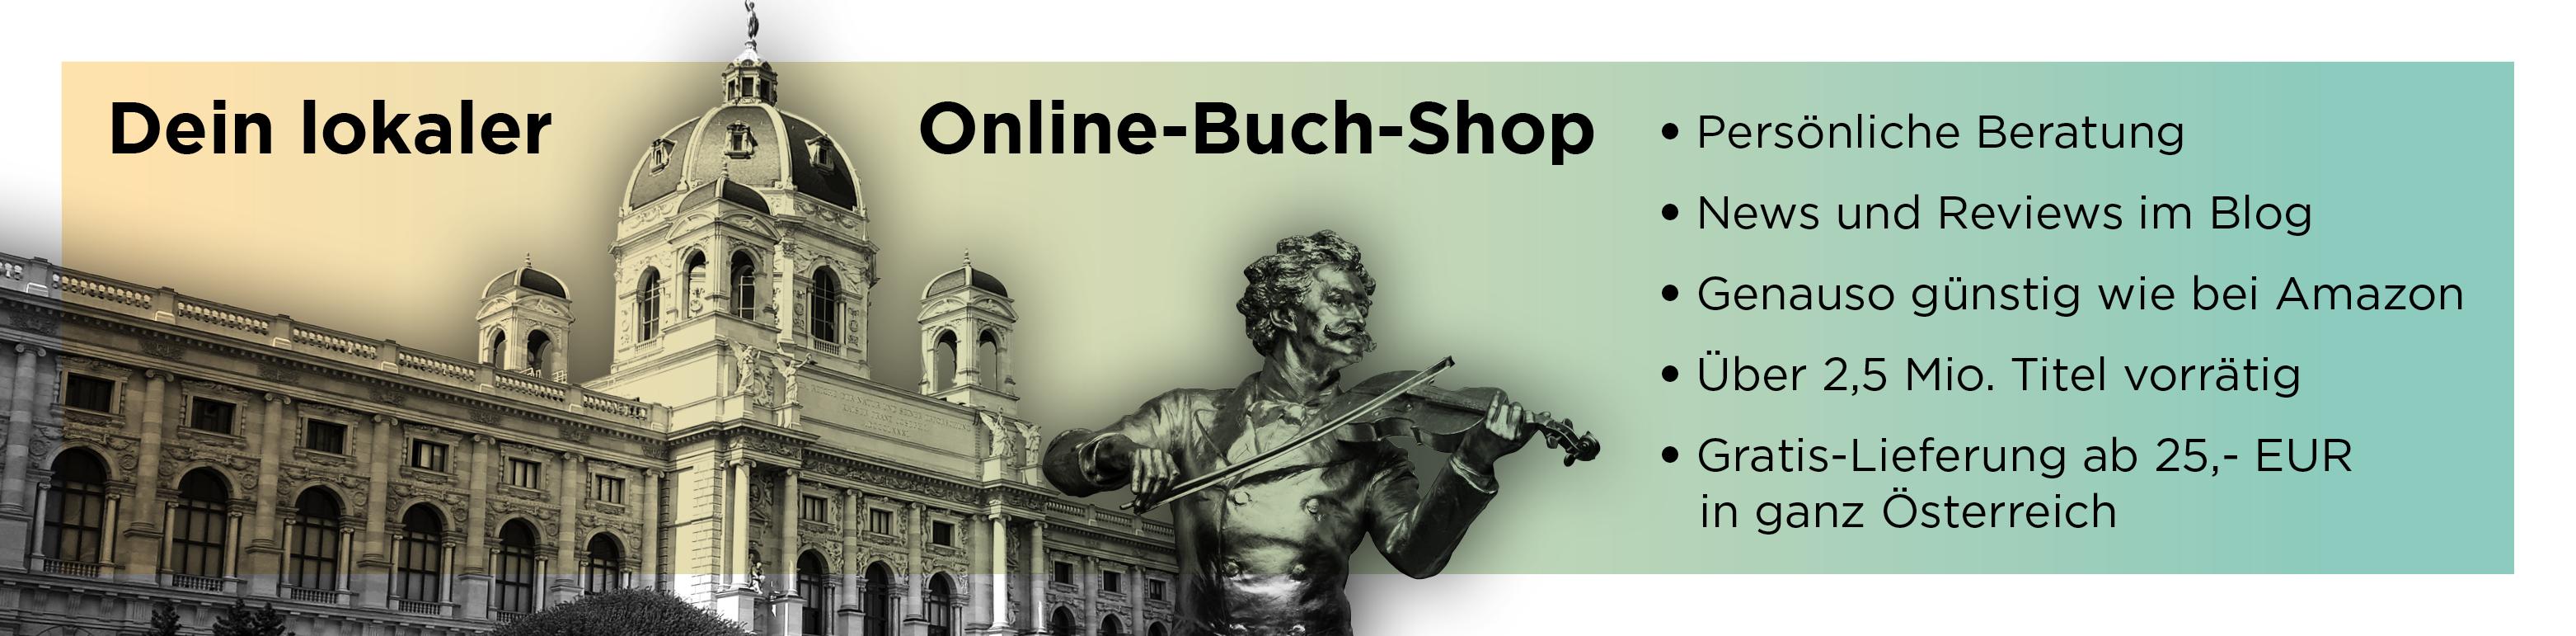 Buch-Shop Wien